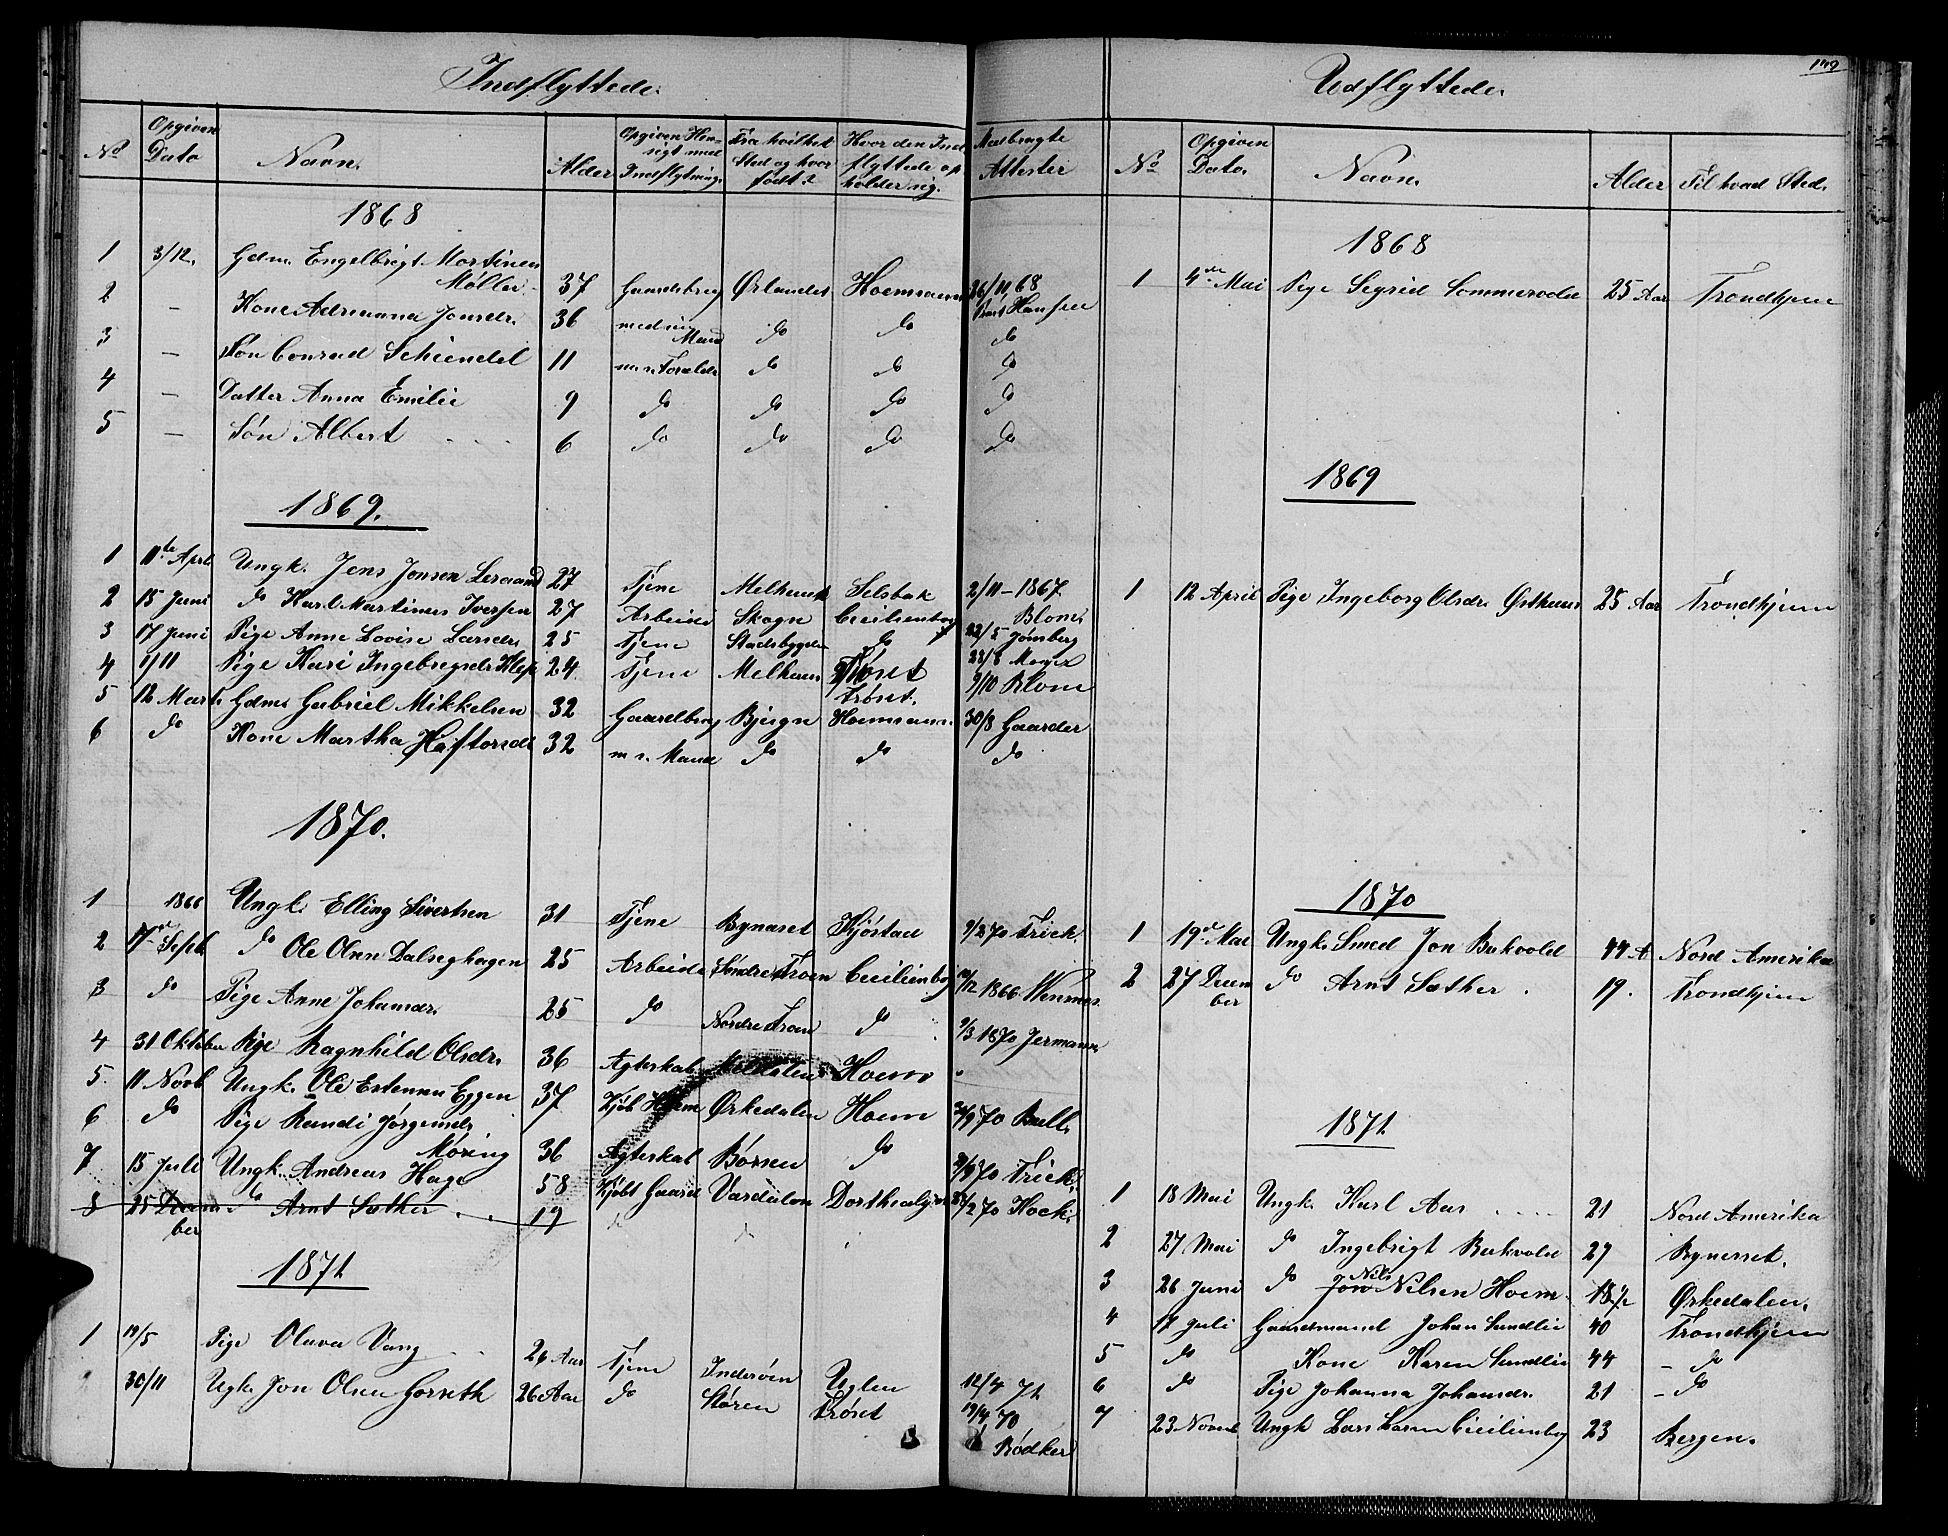 SAT, Ministerialprotokoller, klokkerbøker og fødselsregistre - Sør-Trøndelag, 611/L0353: Klokkerbok nr. 611C01, 1854-1881, s. 149